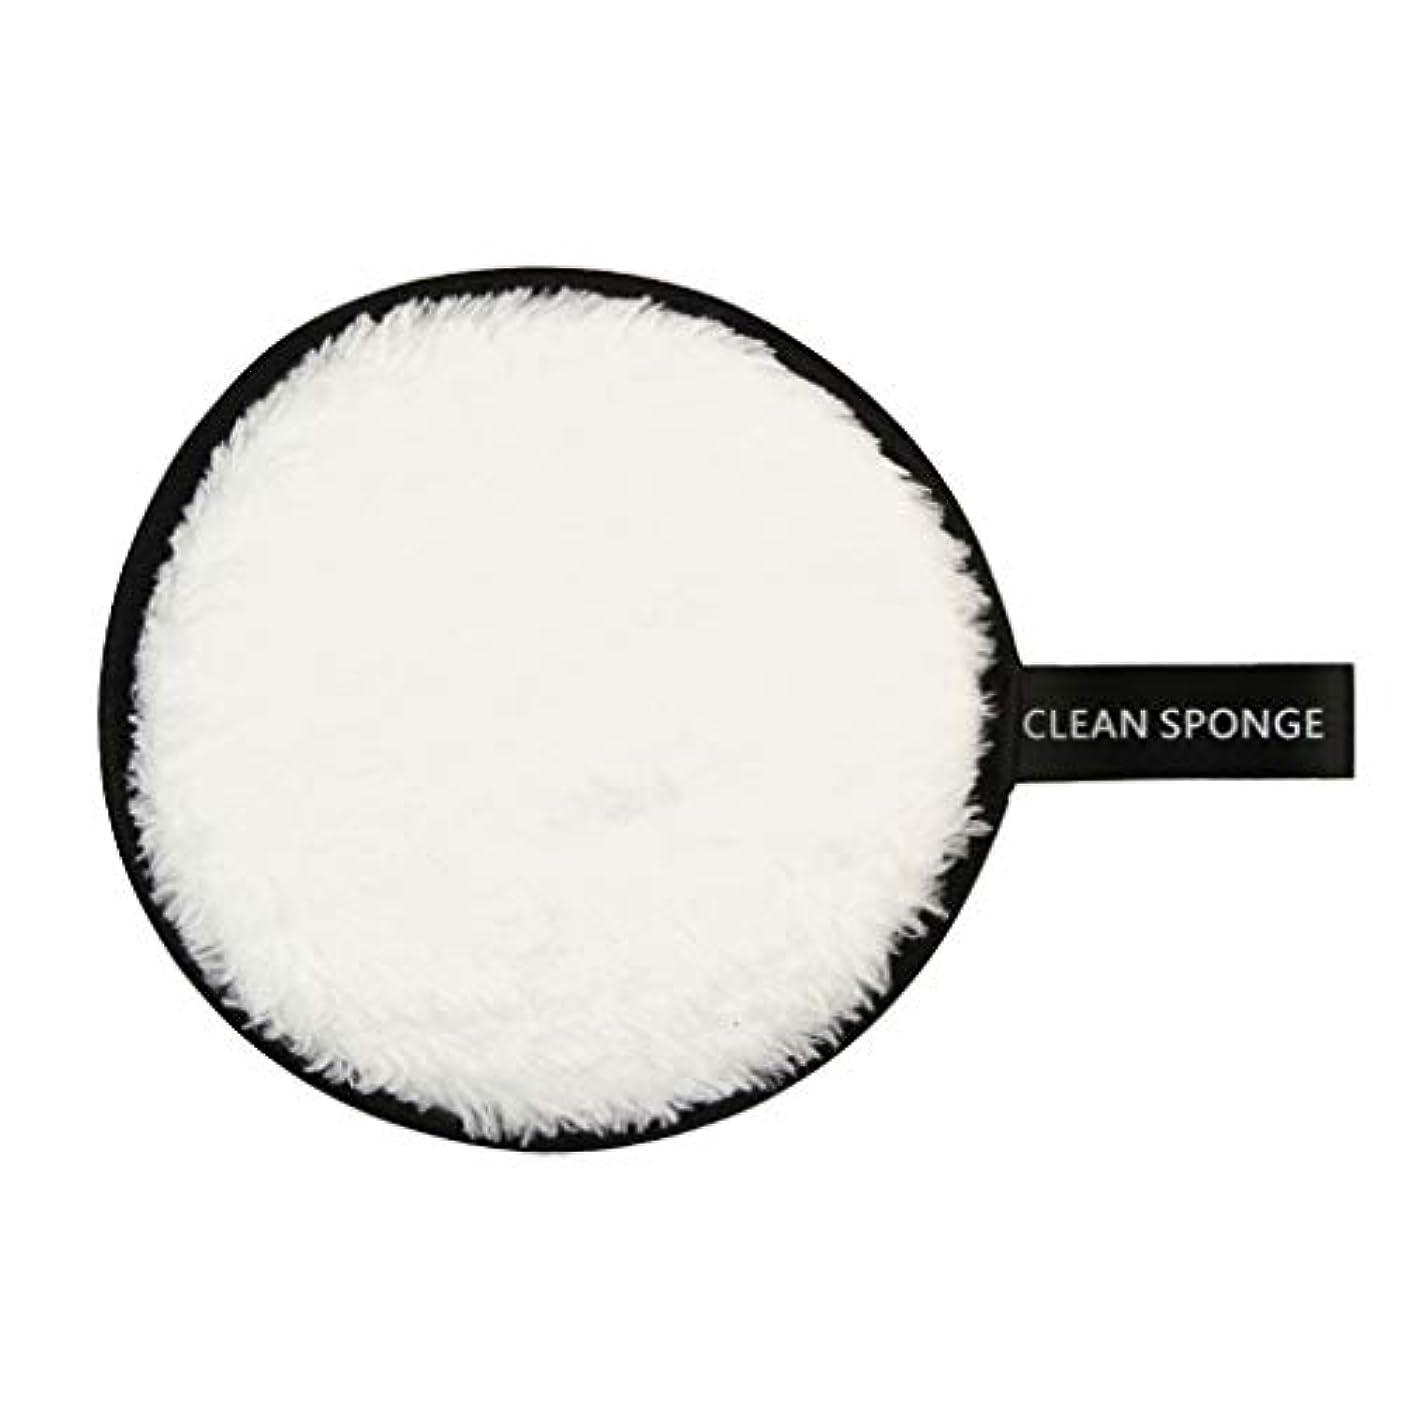 要件キャンドルへこみメイク落としパッド 再利用可能 メイク落としスポンジ 洗顔パッド 全6色 - 白